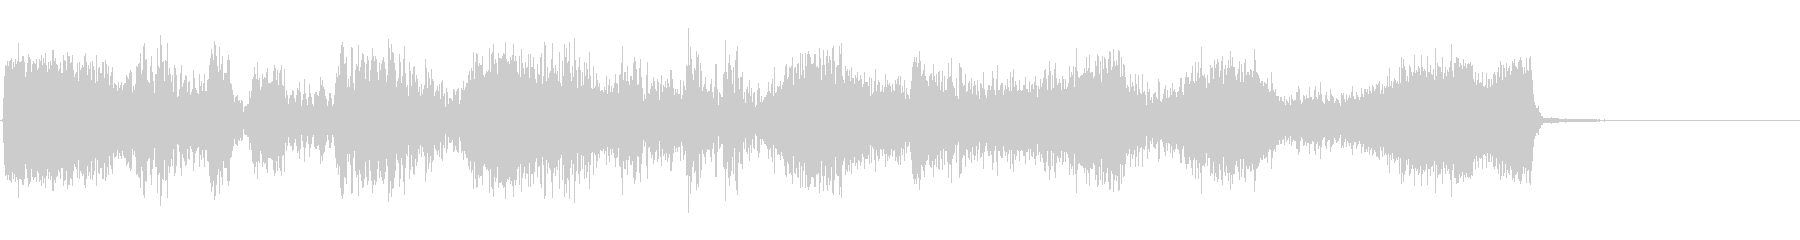 ハードノックスの未再生の波形